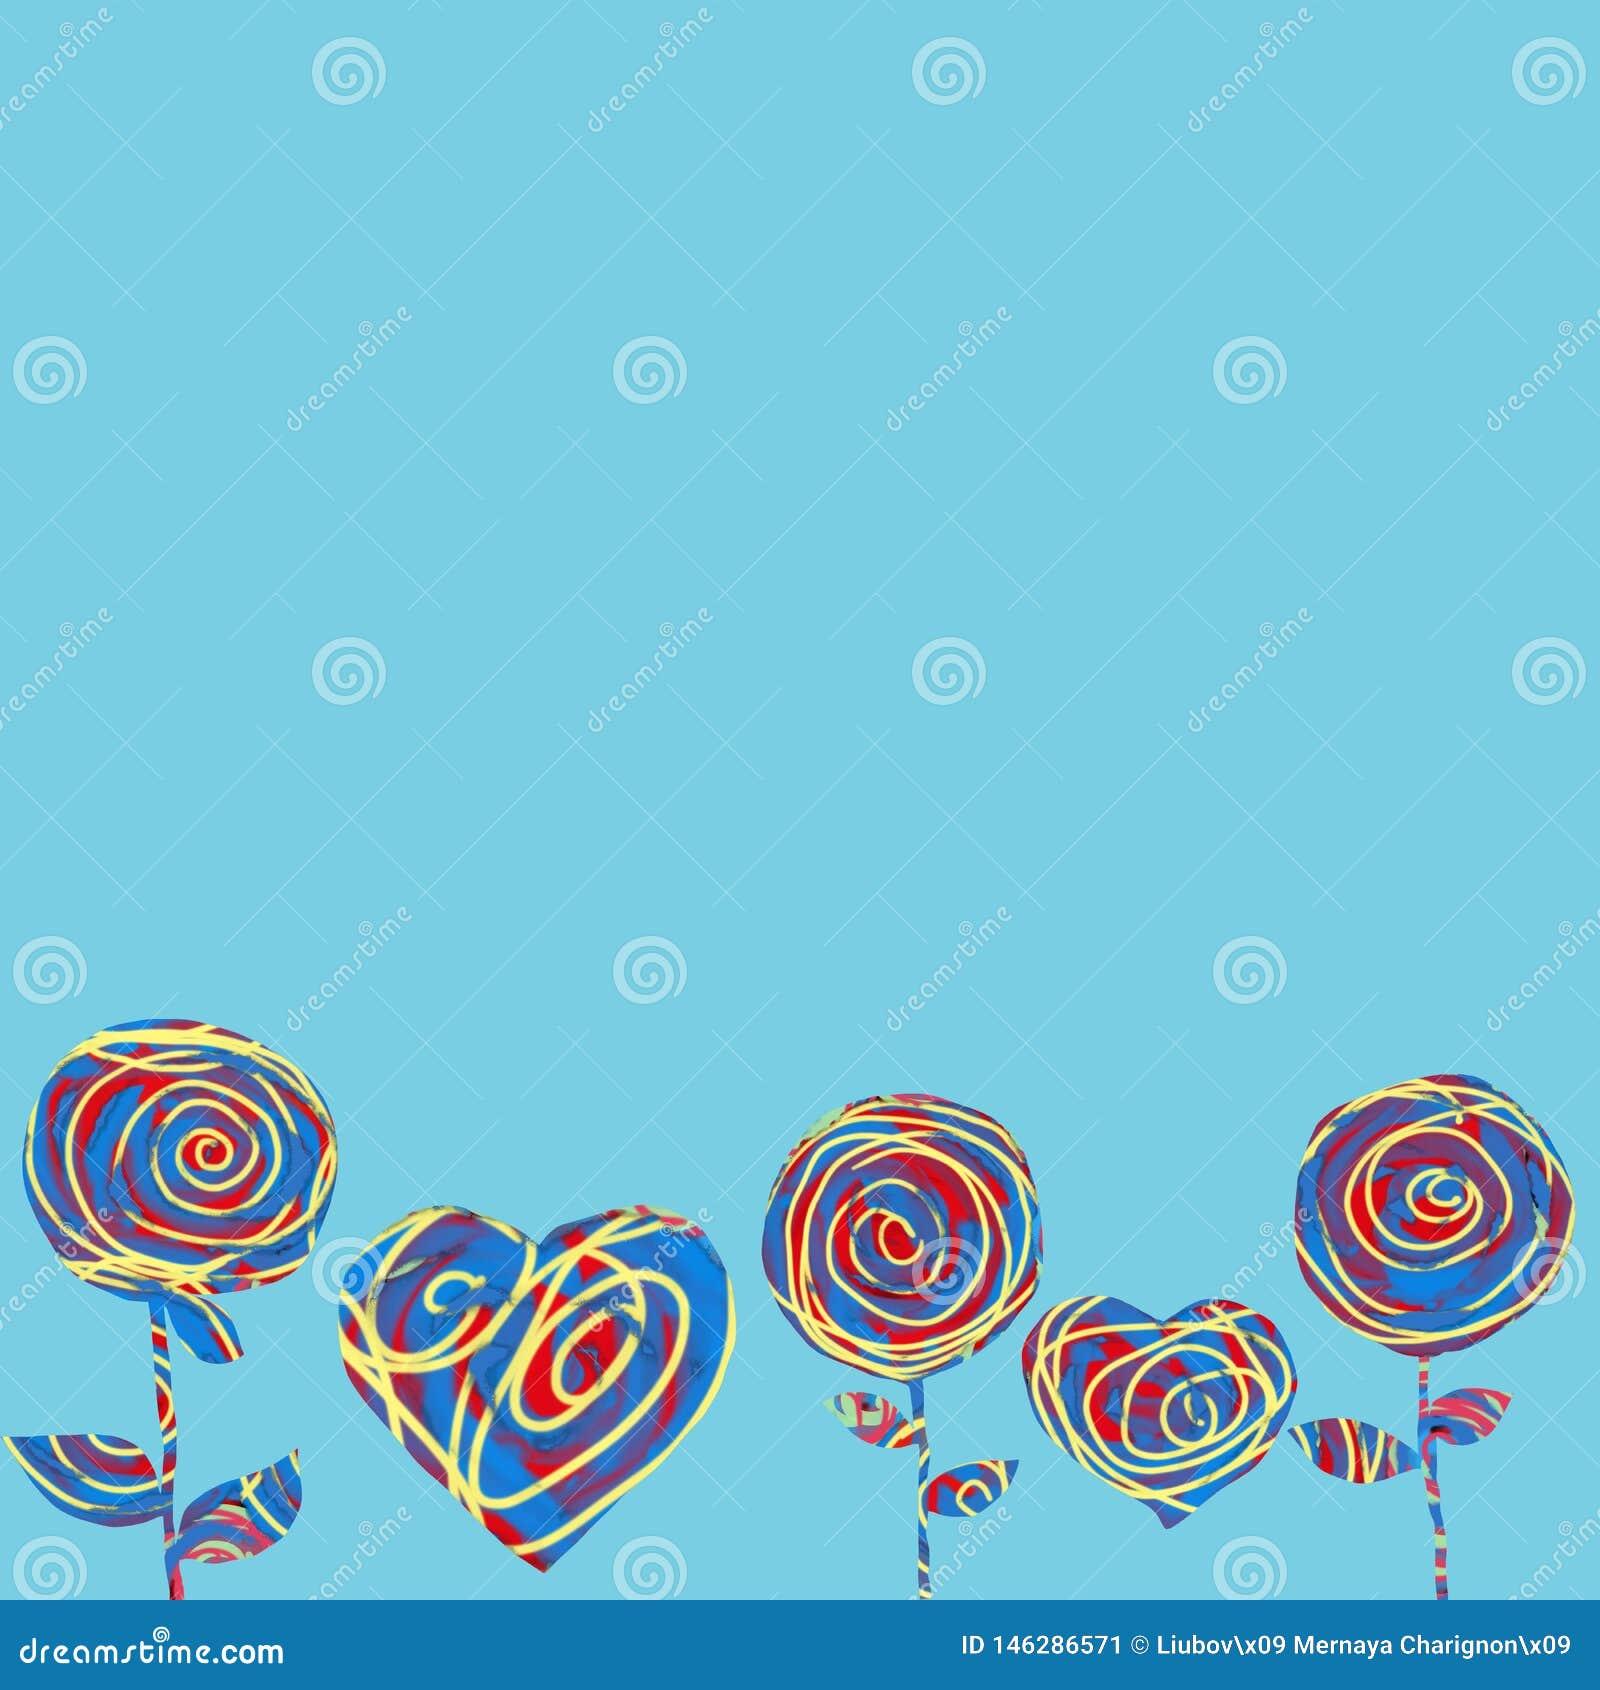 Καρδιές και λουλούδια κολάζ σε ένα μπλε υπόβαθρο Αφηρημένη ευχετήρια κάρτα για την ημέρα Valentine's